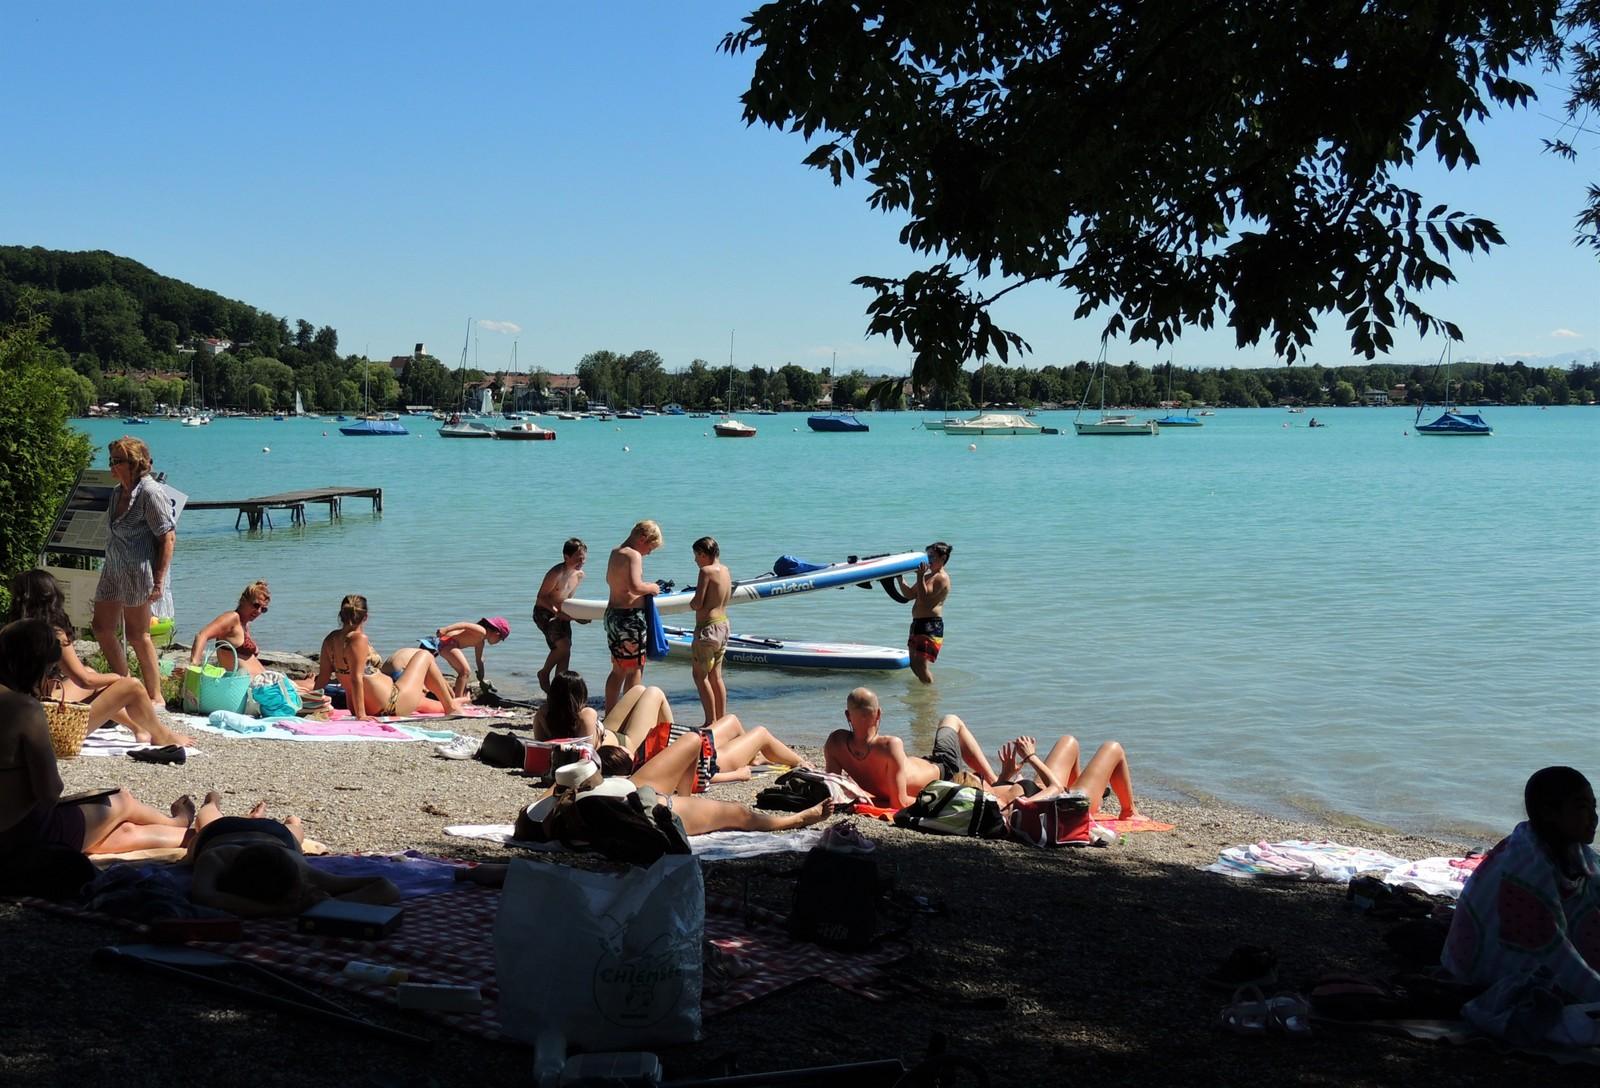 Fünf-Seen-Land - Strandpromenade Steinebach am Wörthsee